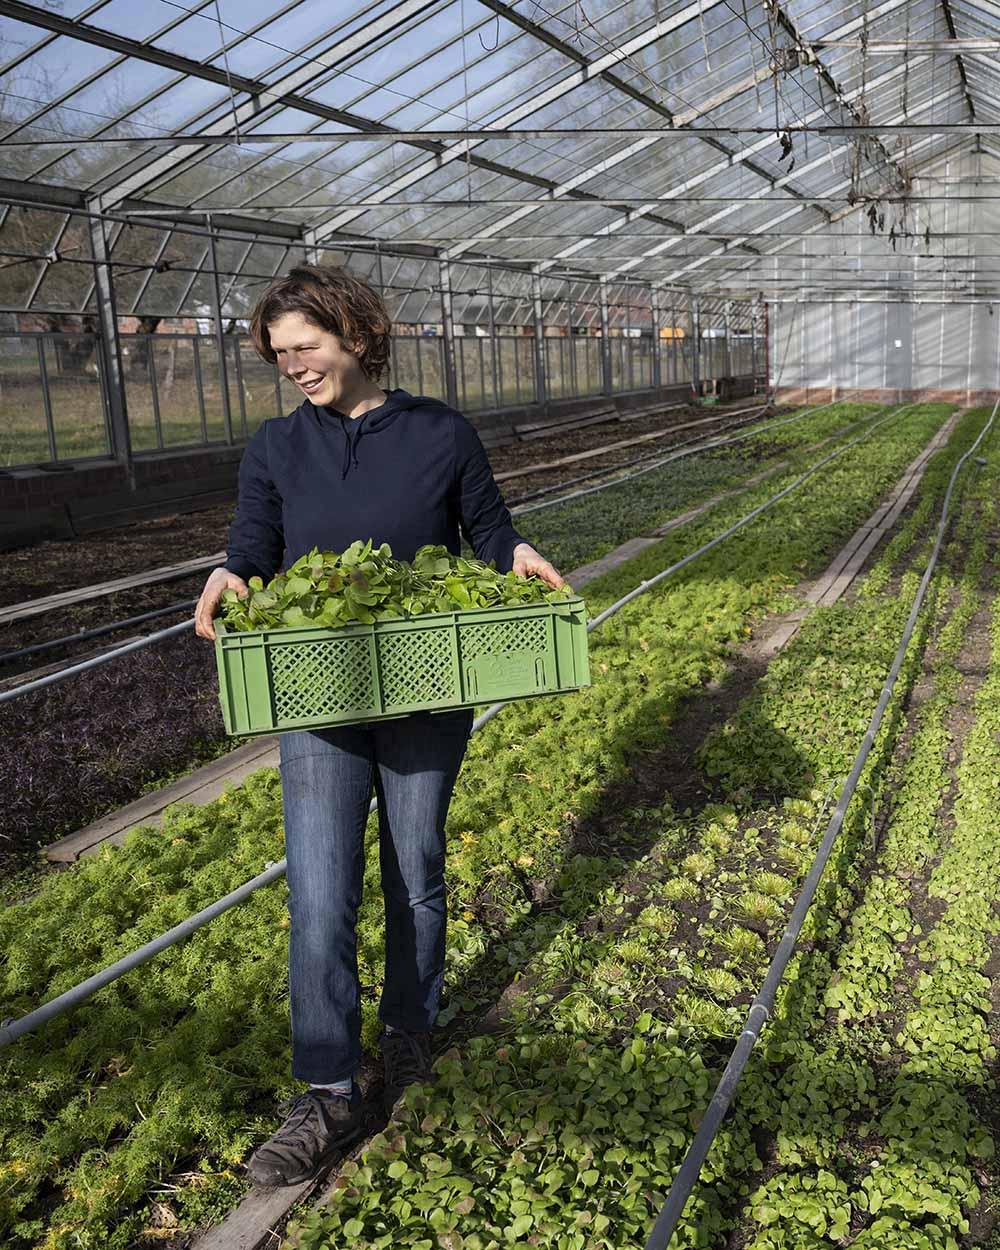 Jenni trägt eine Kiste mit frisch geerntetem Postelein Salat aus dem Gewächshaus.